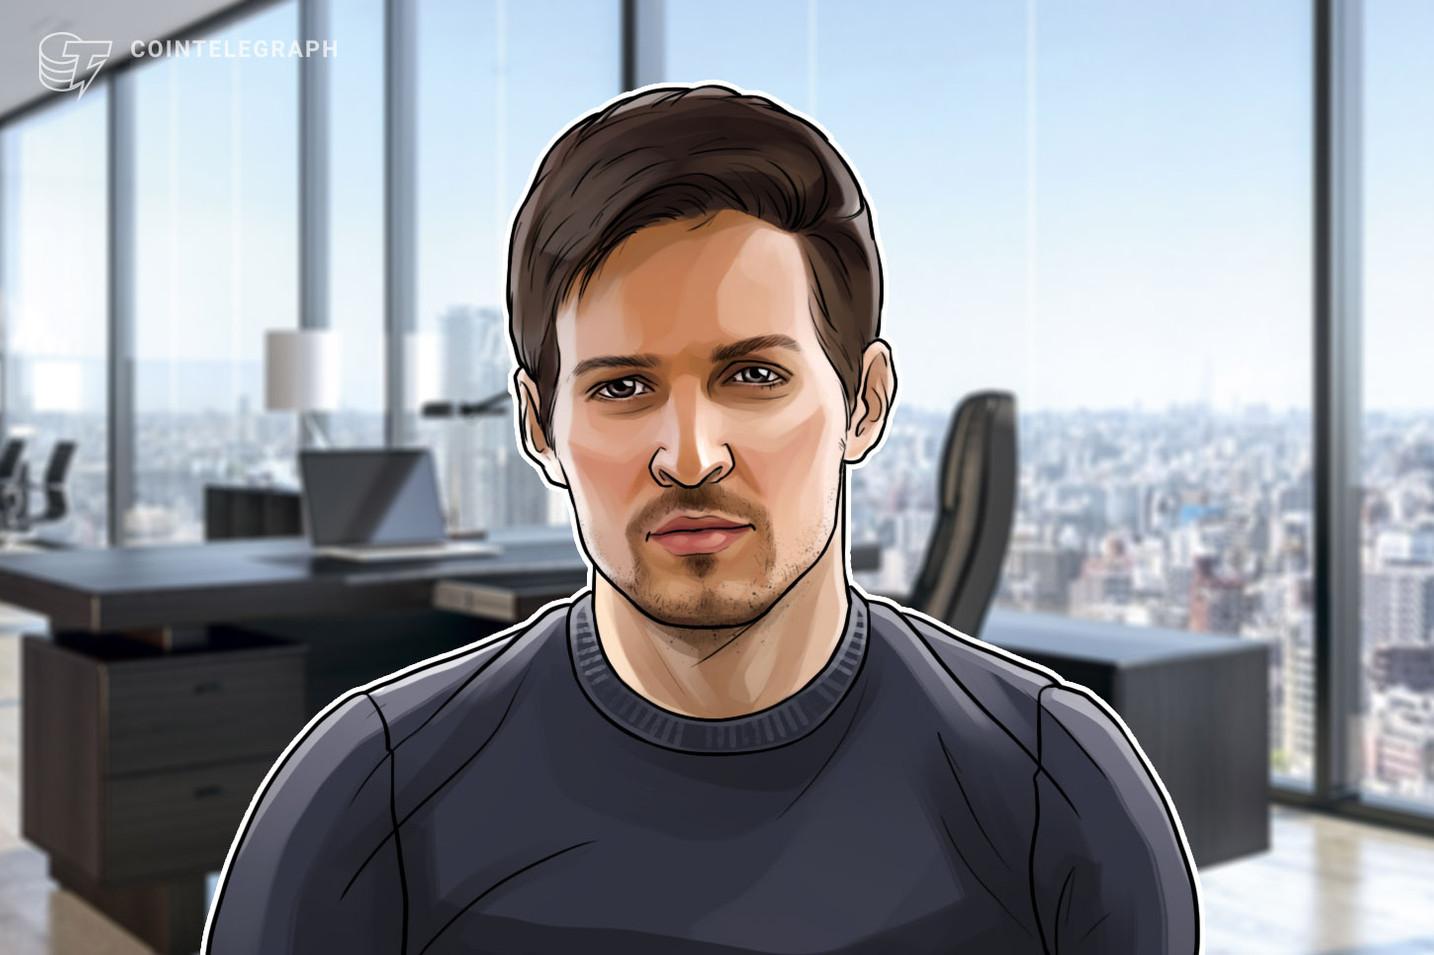 Fundador do Telegram faz duras críticas a Facebook e Instagram por faturarem com anúncios de golpes